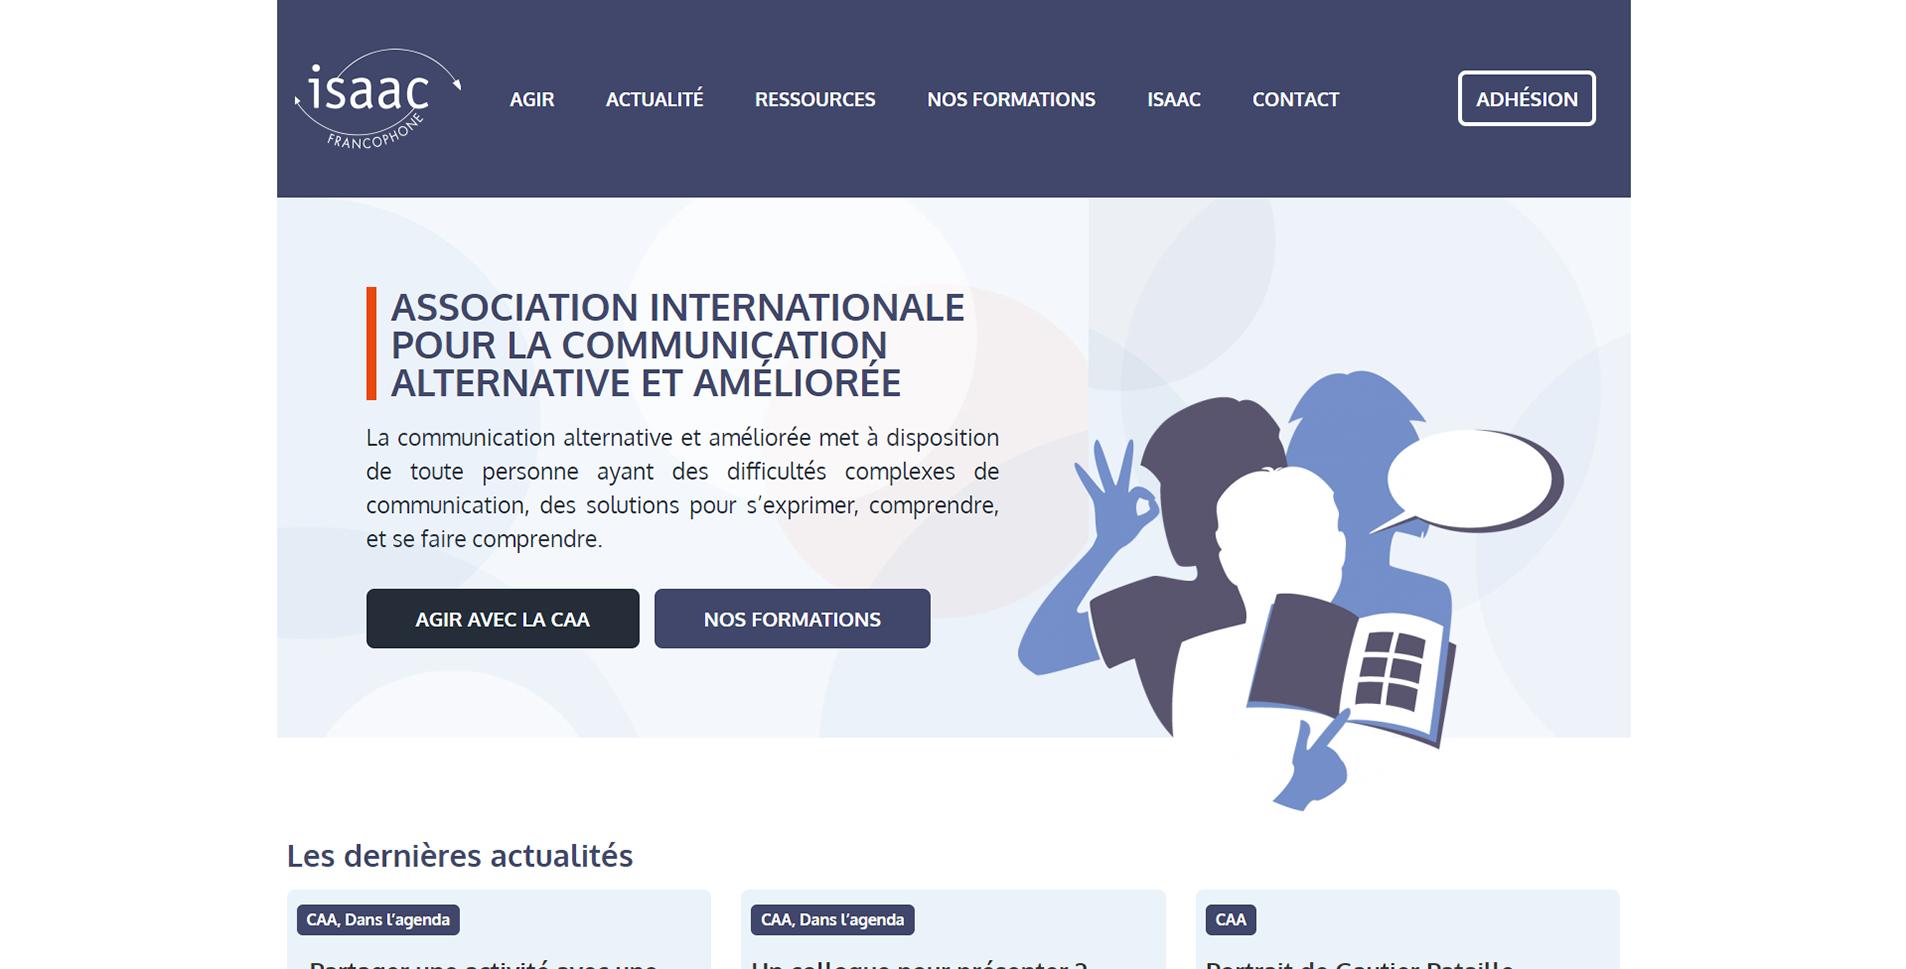 Image de la page d'accueil du site isaac-fr.org